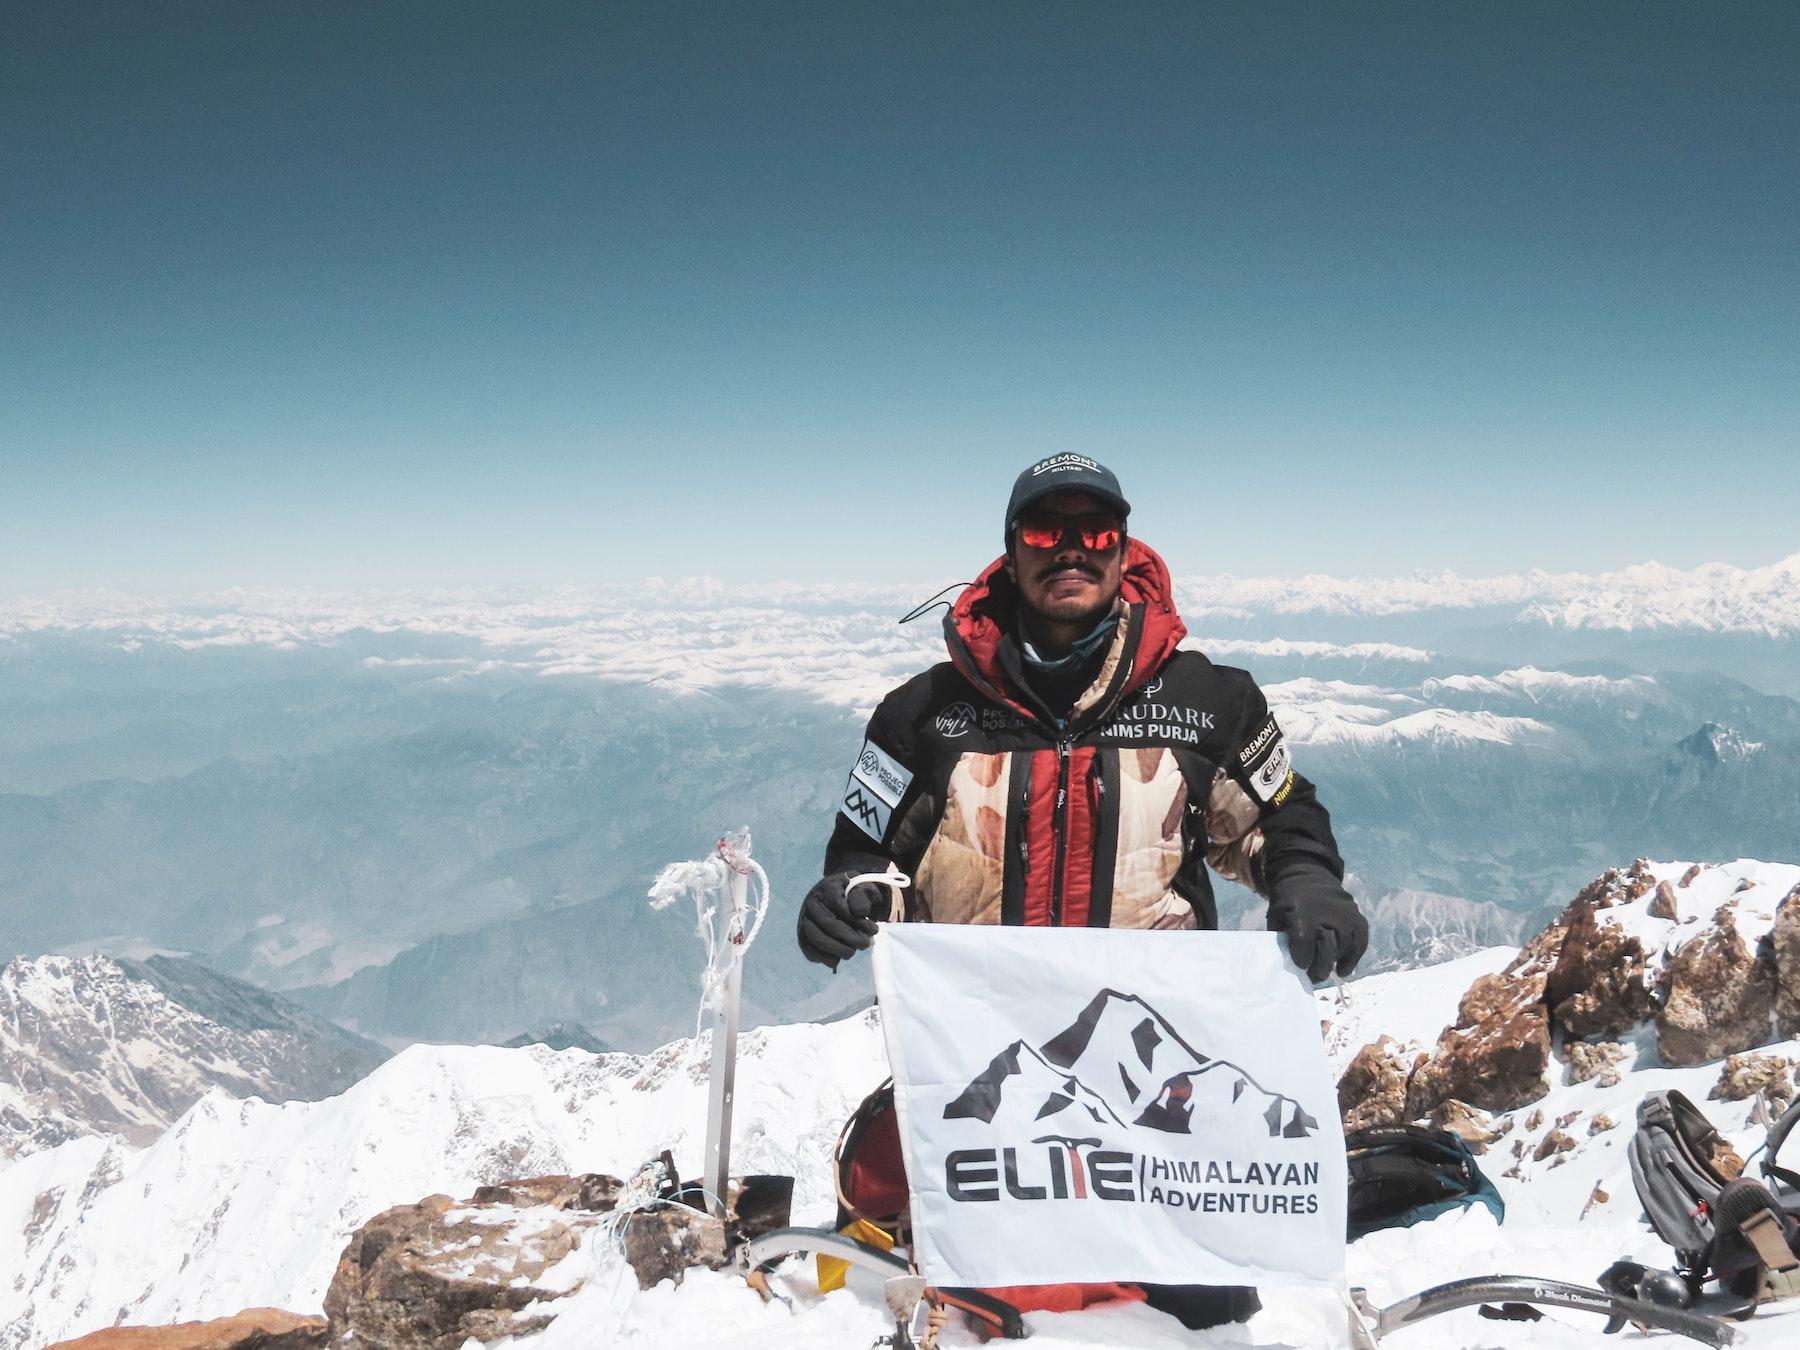 Our founder Nimsdai proudly raising Elite Himalayan Adventures flag on the summit of Nanga parbat